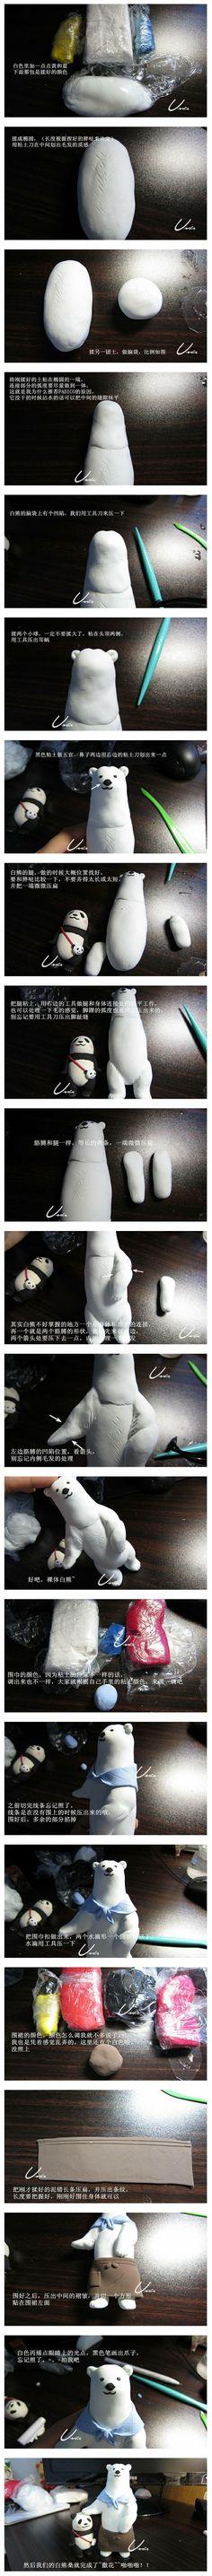 白熊咖啡厅 http://site.douban.com/widget/notes/7008621/note/213396172/